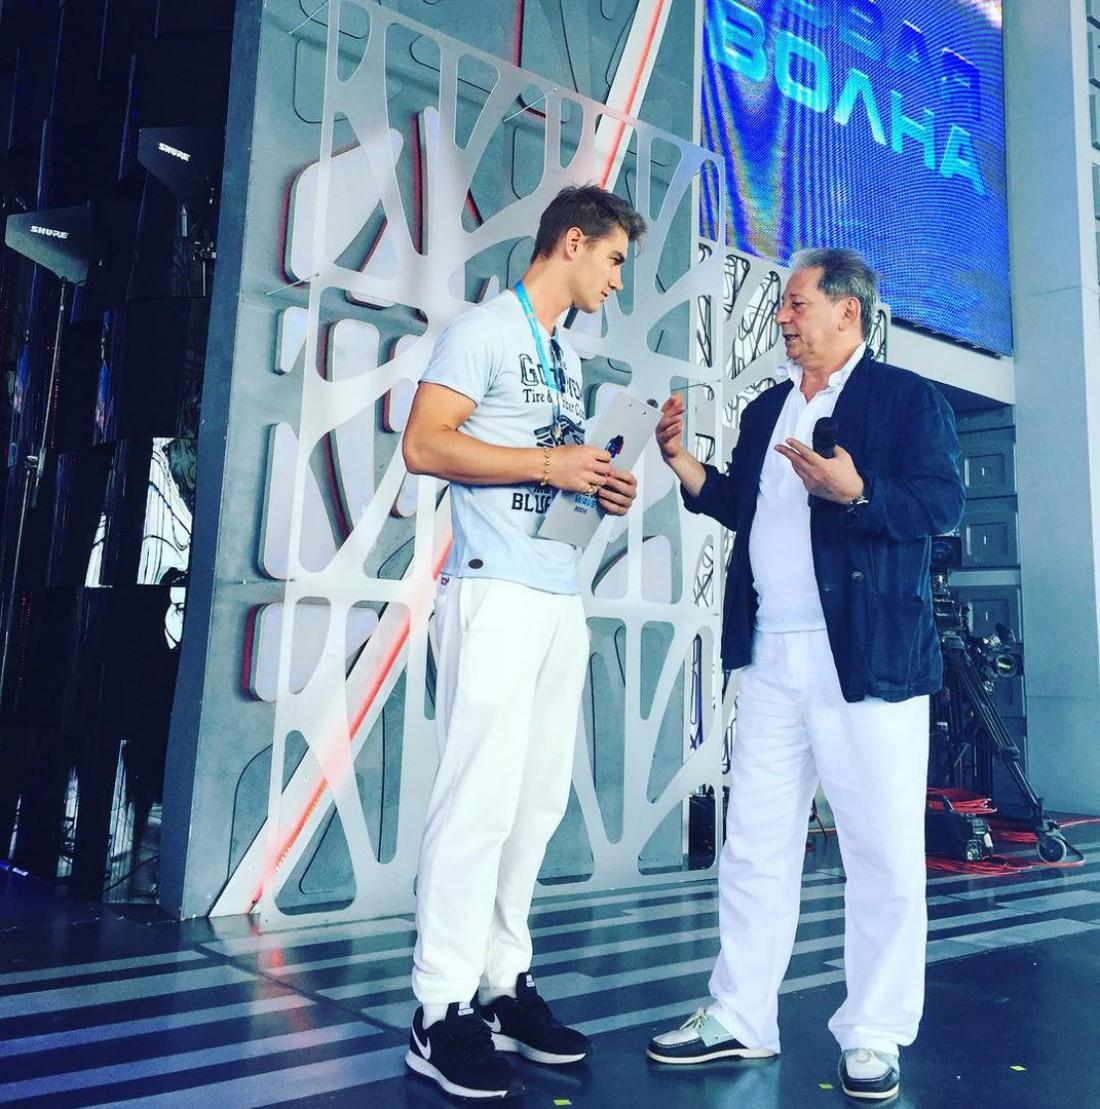 Новая волна 2016: Алексей Воробьев и Александр Ревзин